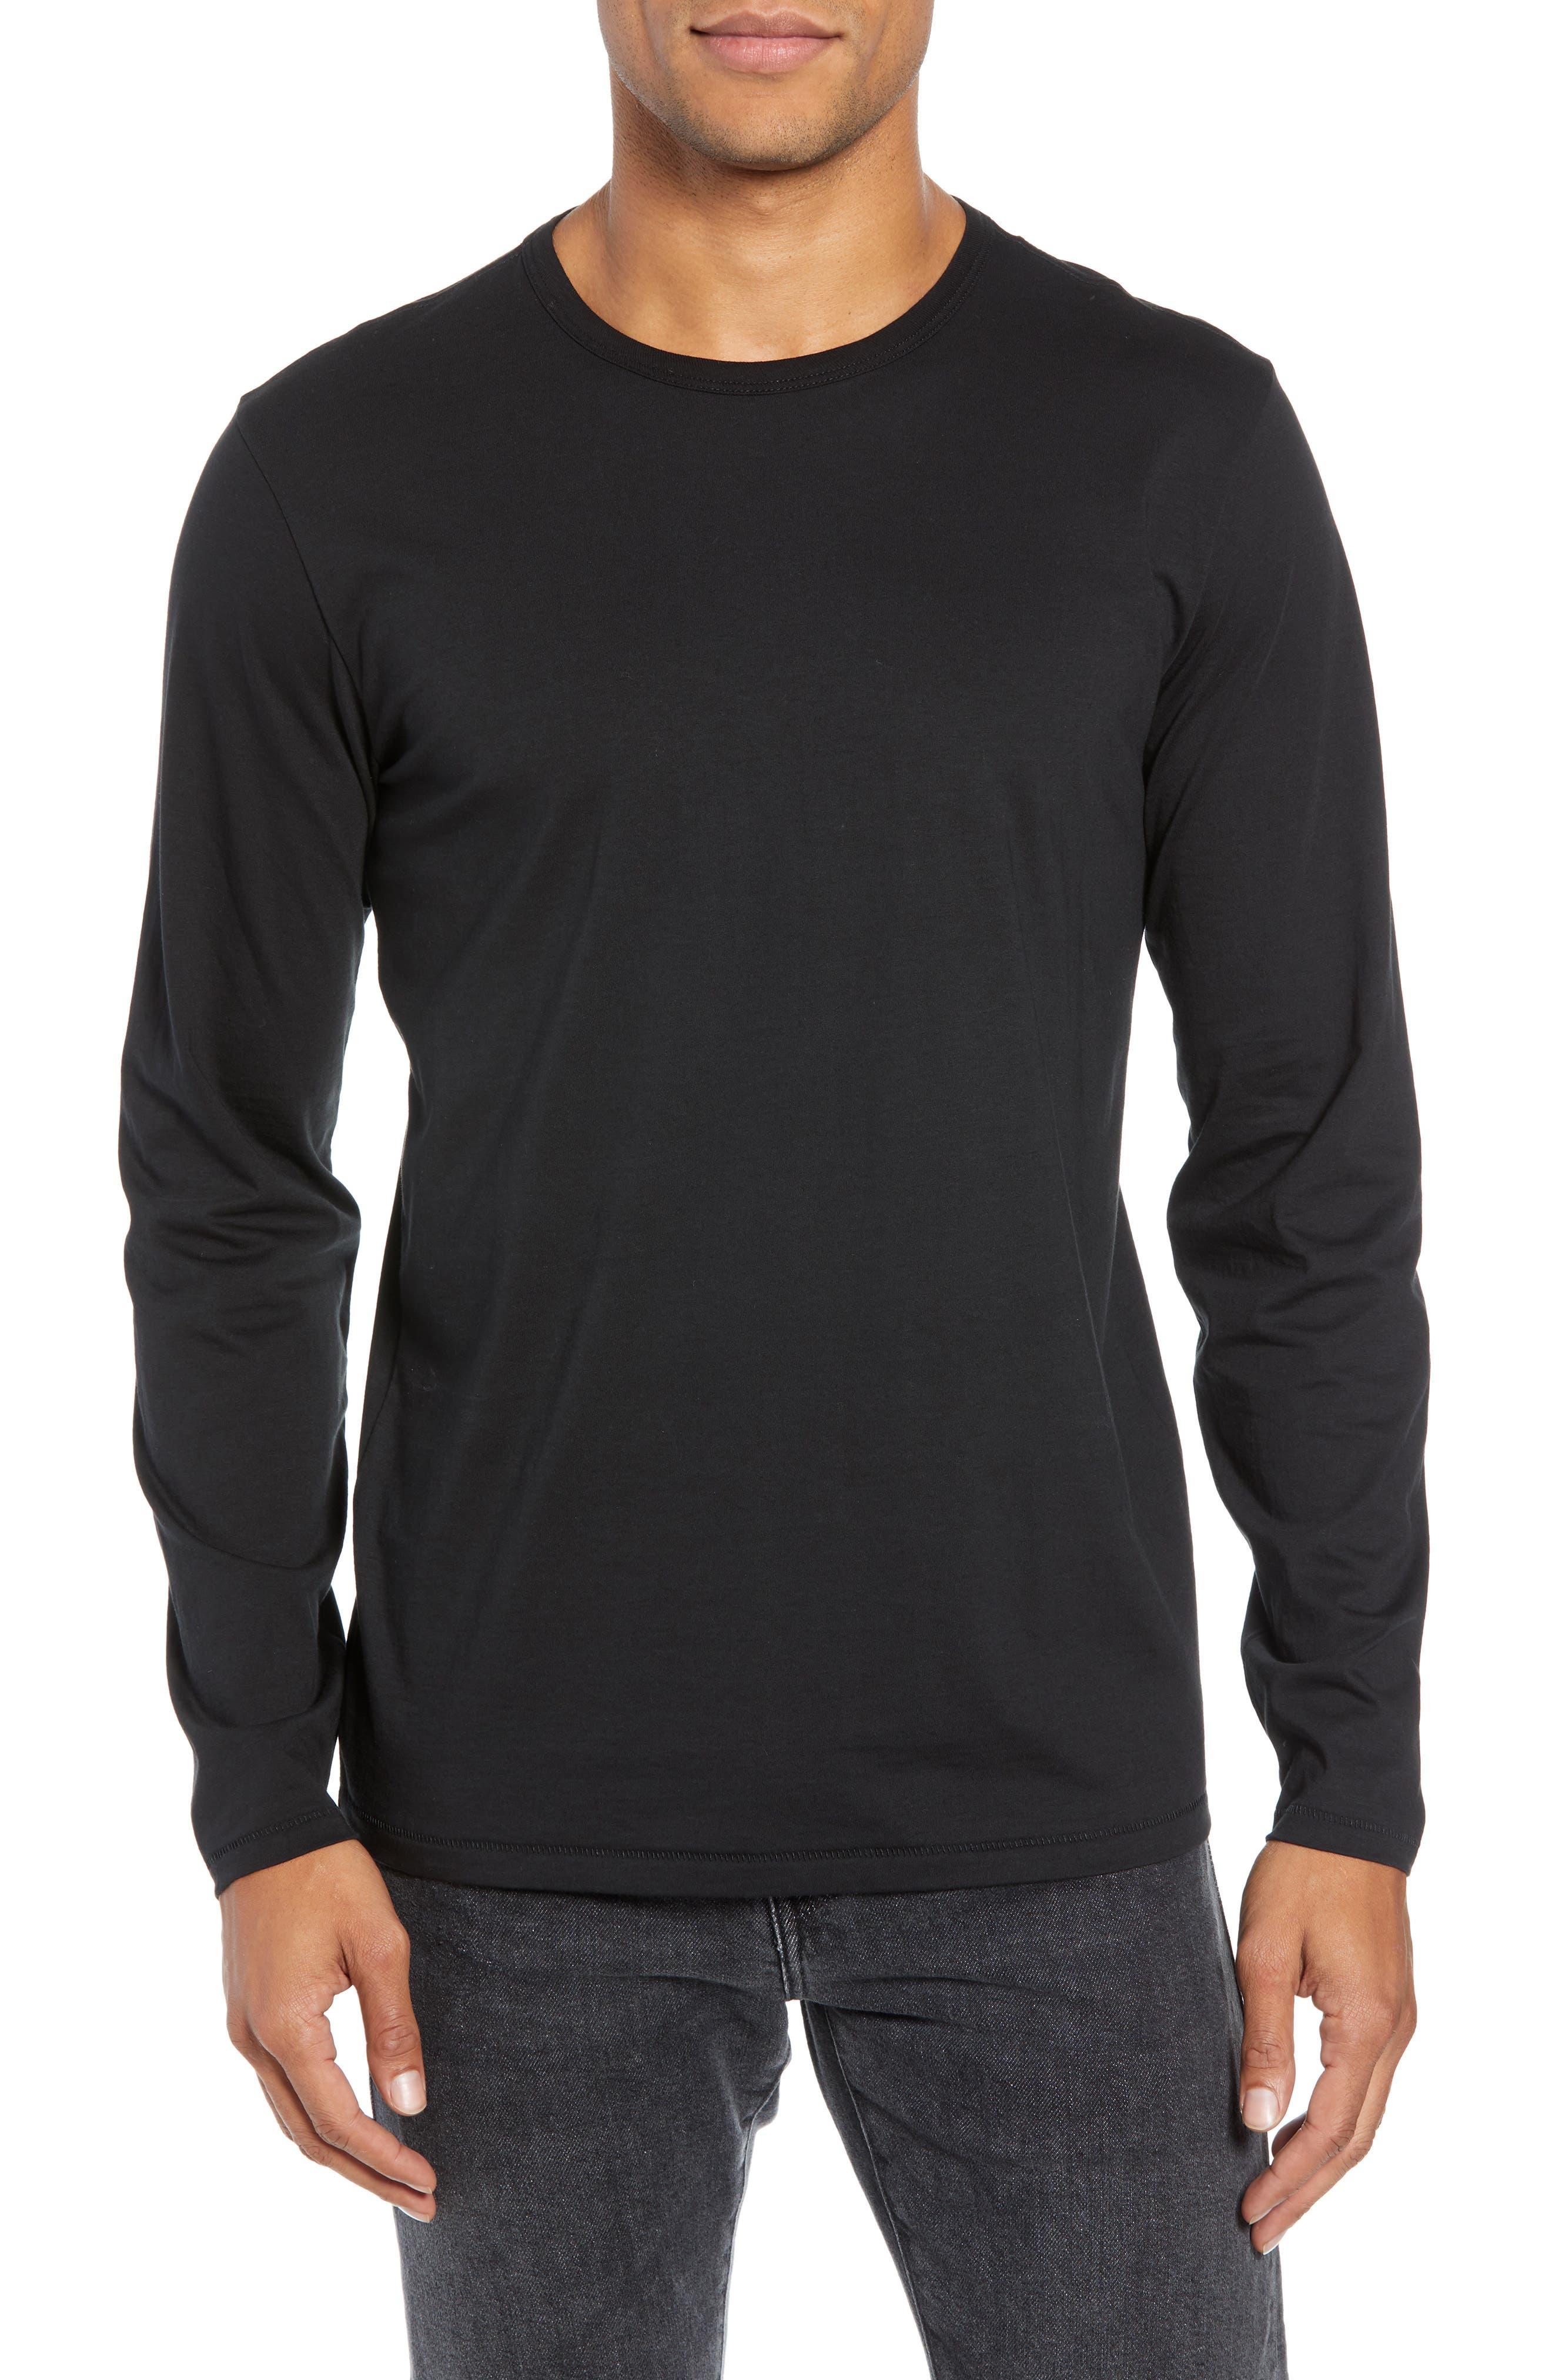 RAG & BONE, Classic Base T-Shirt, Main thumbnail 1, color, BLACK